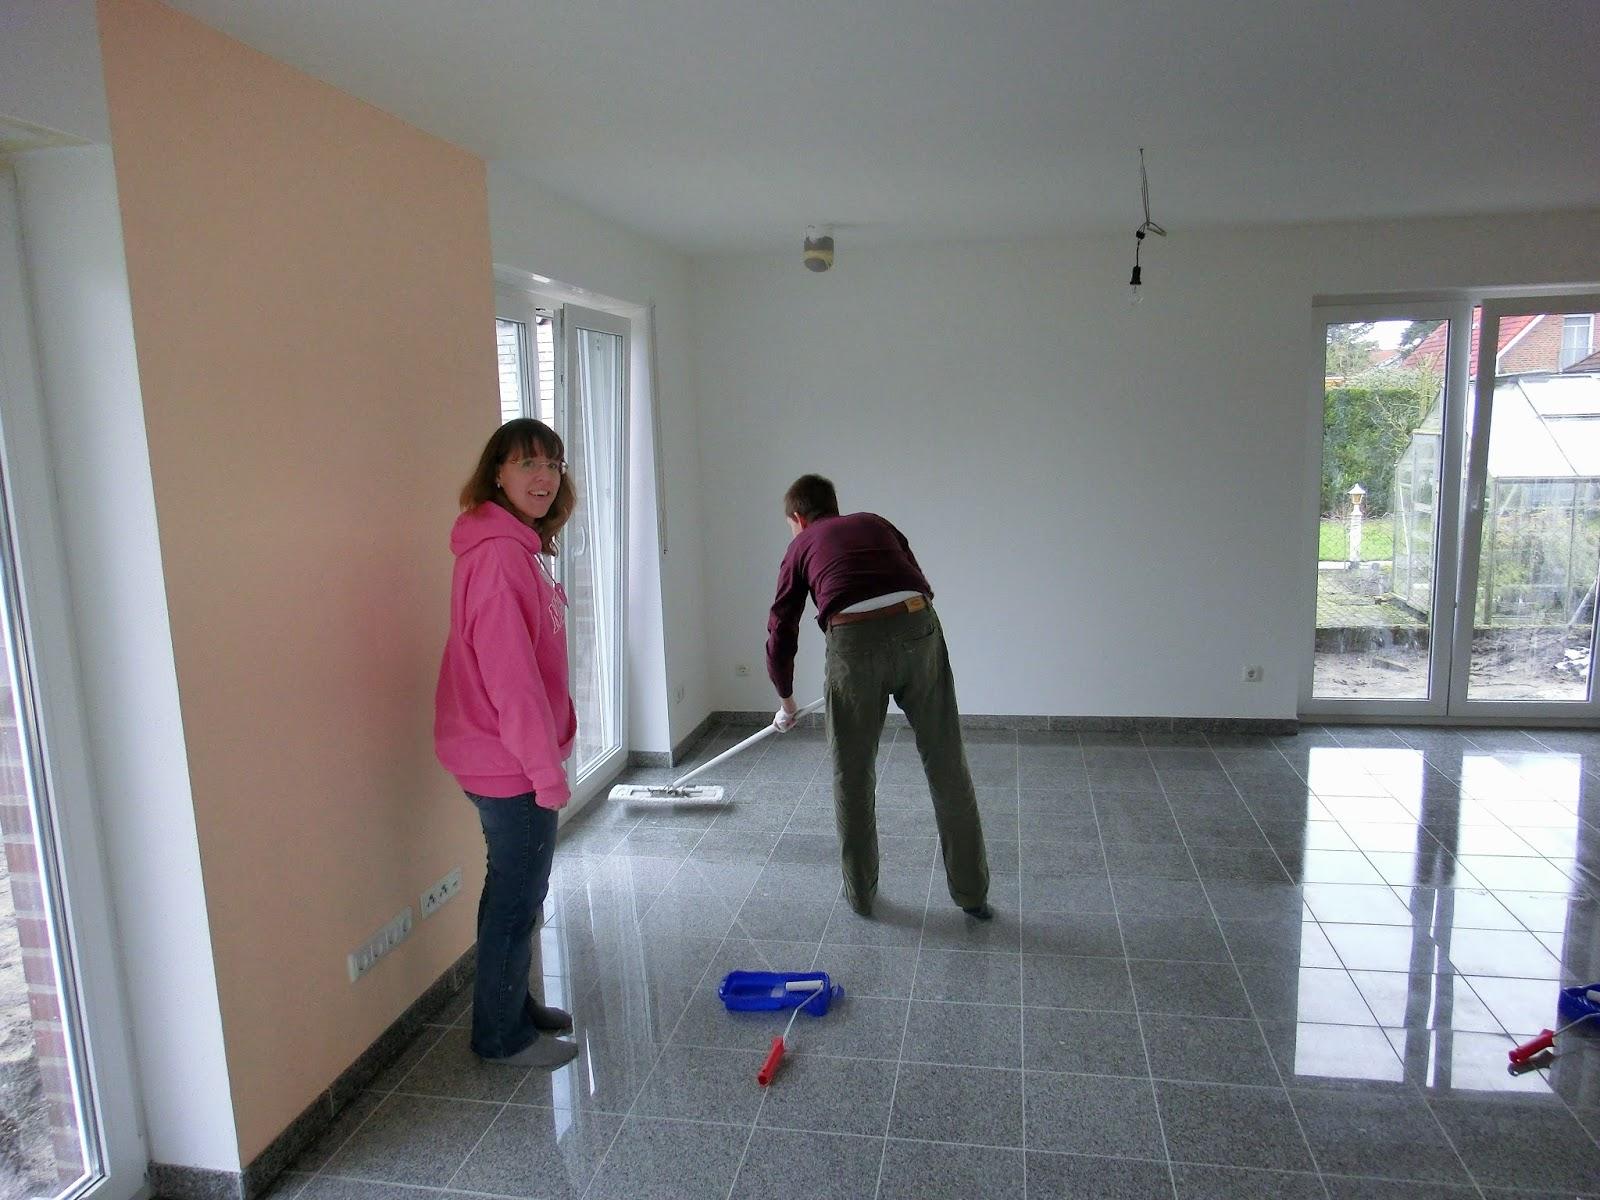 Extrem Wir bauen unser Traumhaus: Granit imprägnieren, 01.02.2015 WQ79